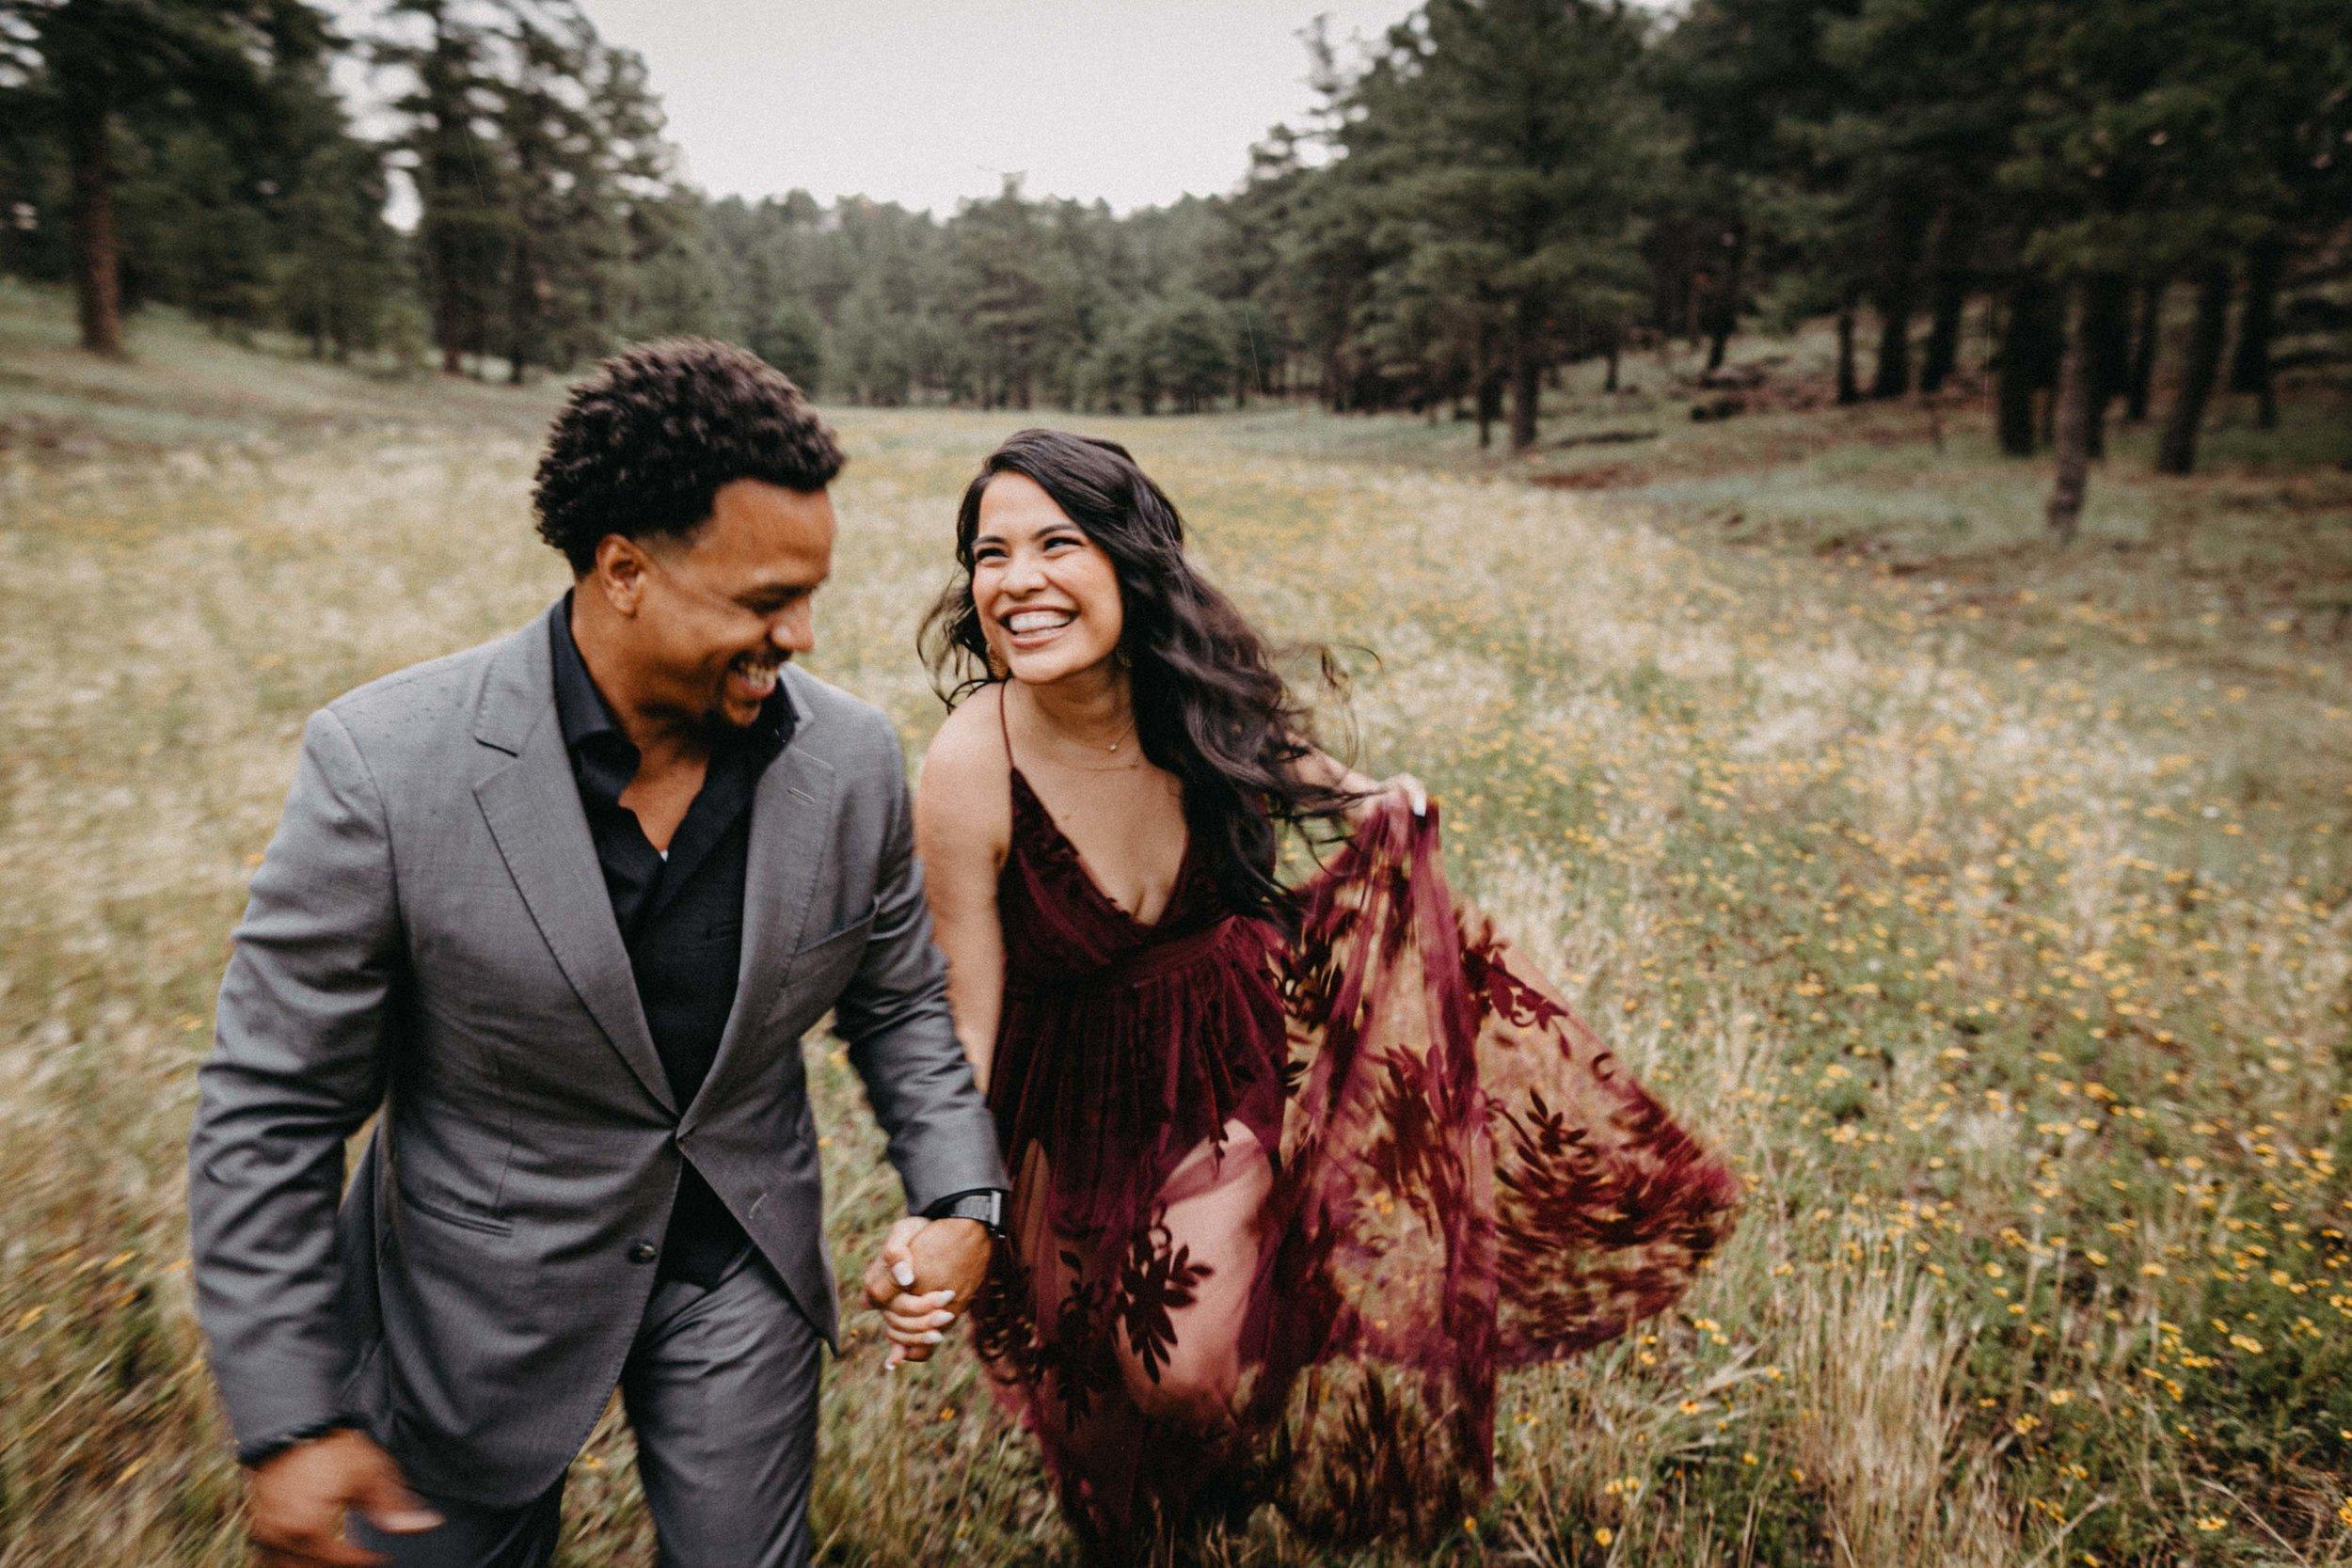 Engagement-6-2.jpg